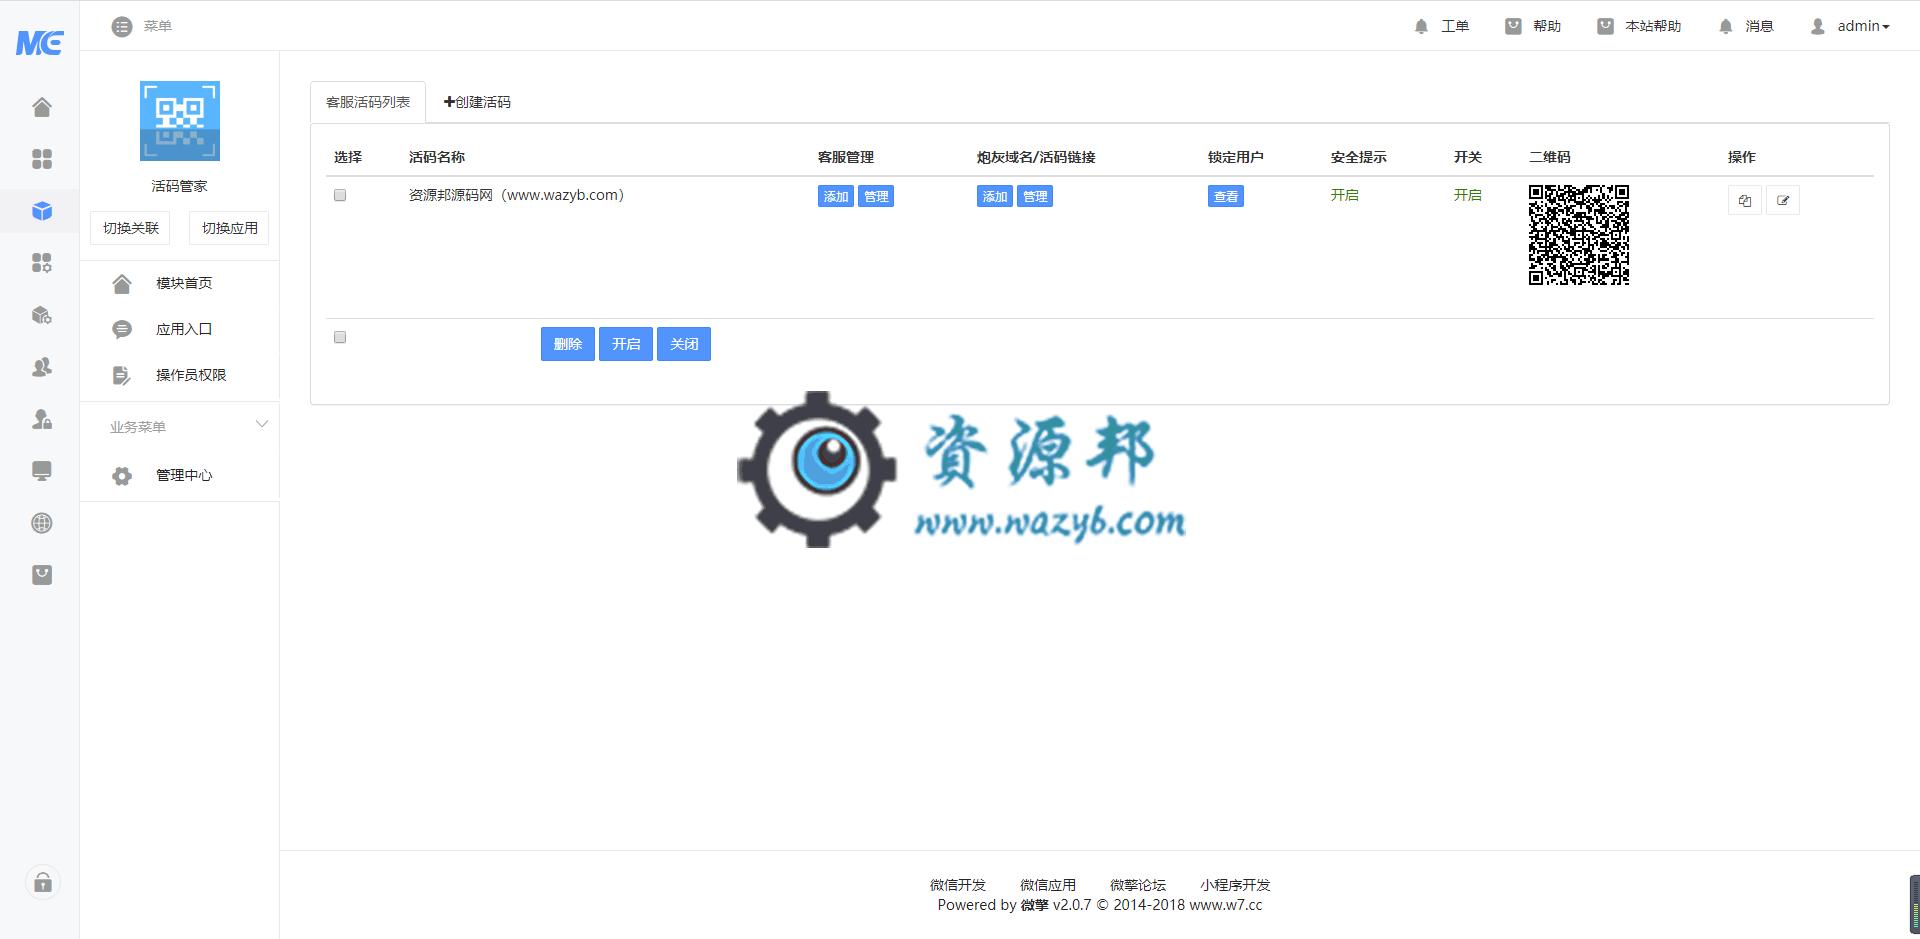 【公众号应用】活码管家V1.0.10源码包,新增视频号带货应用入口 公众号应用 第1张